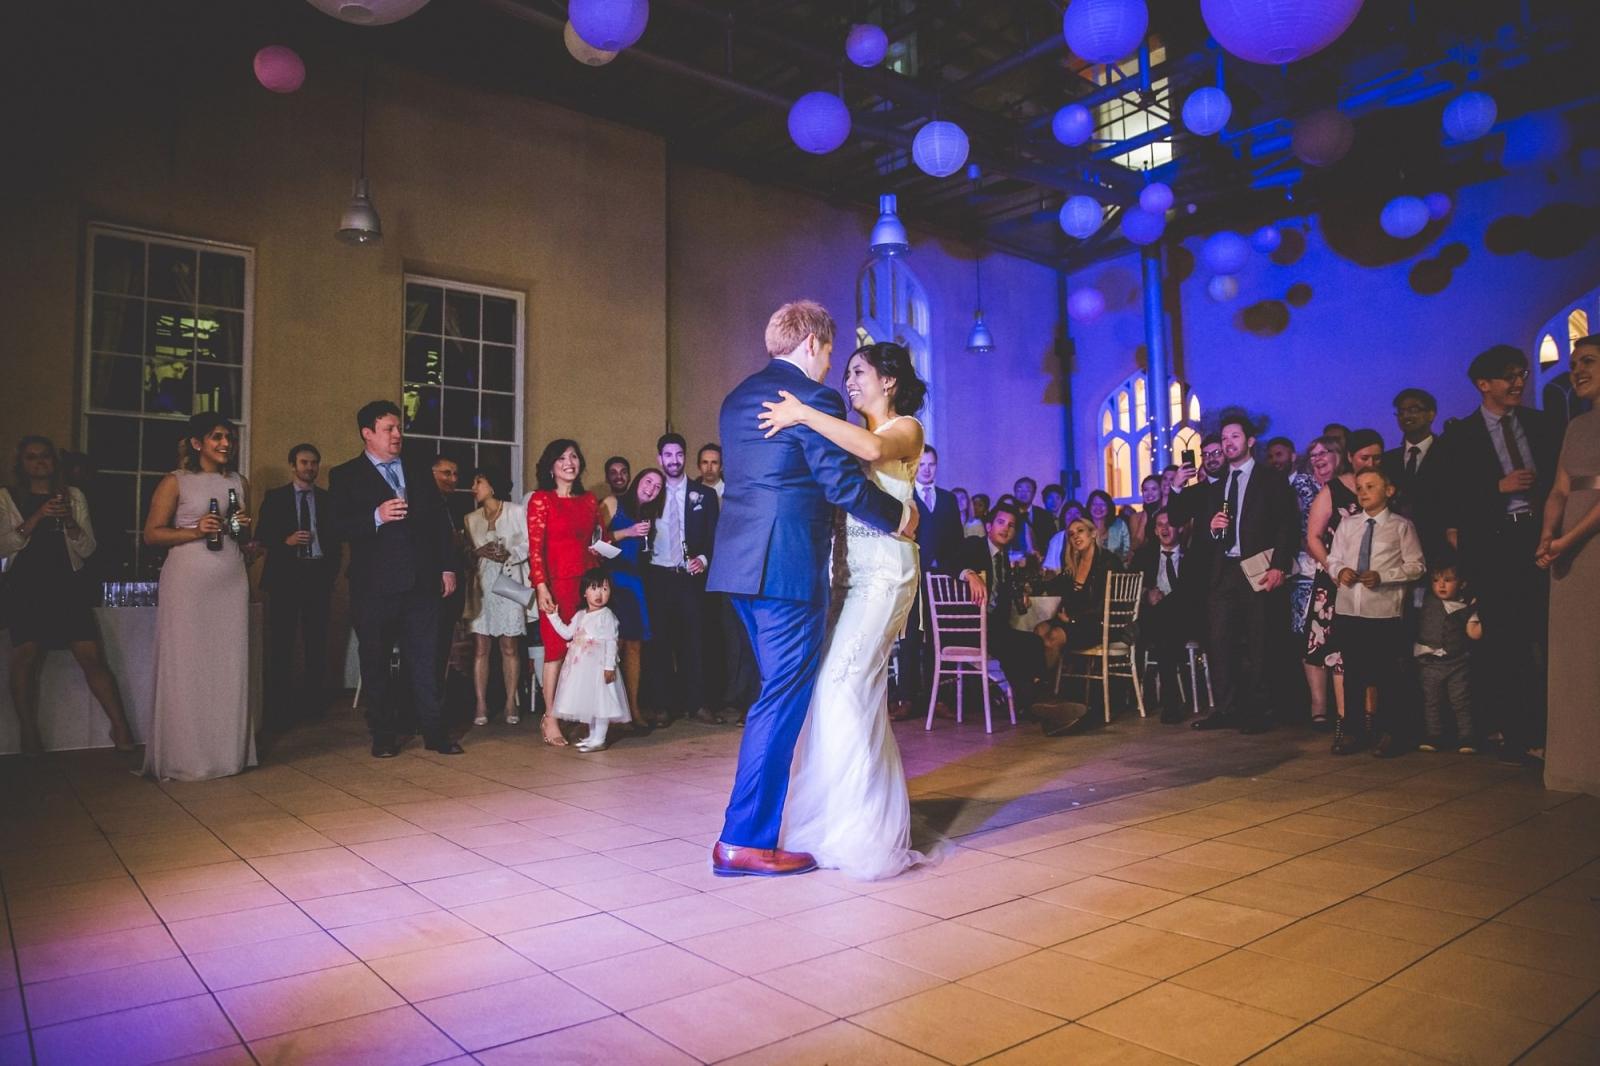 Ditton Manor Wedding Venue